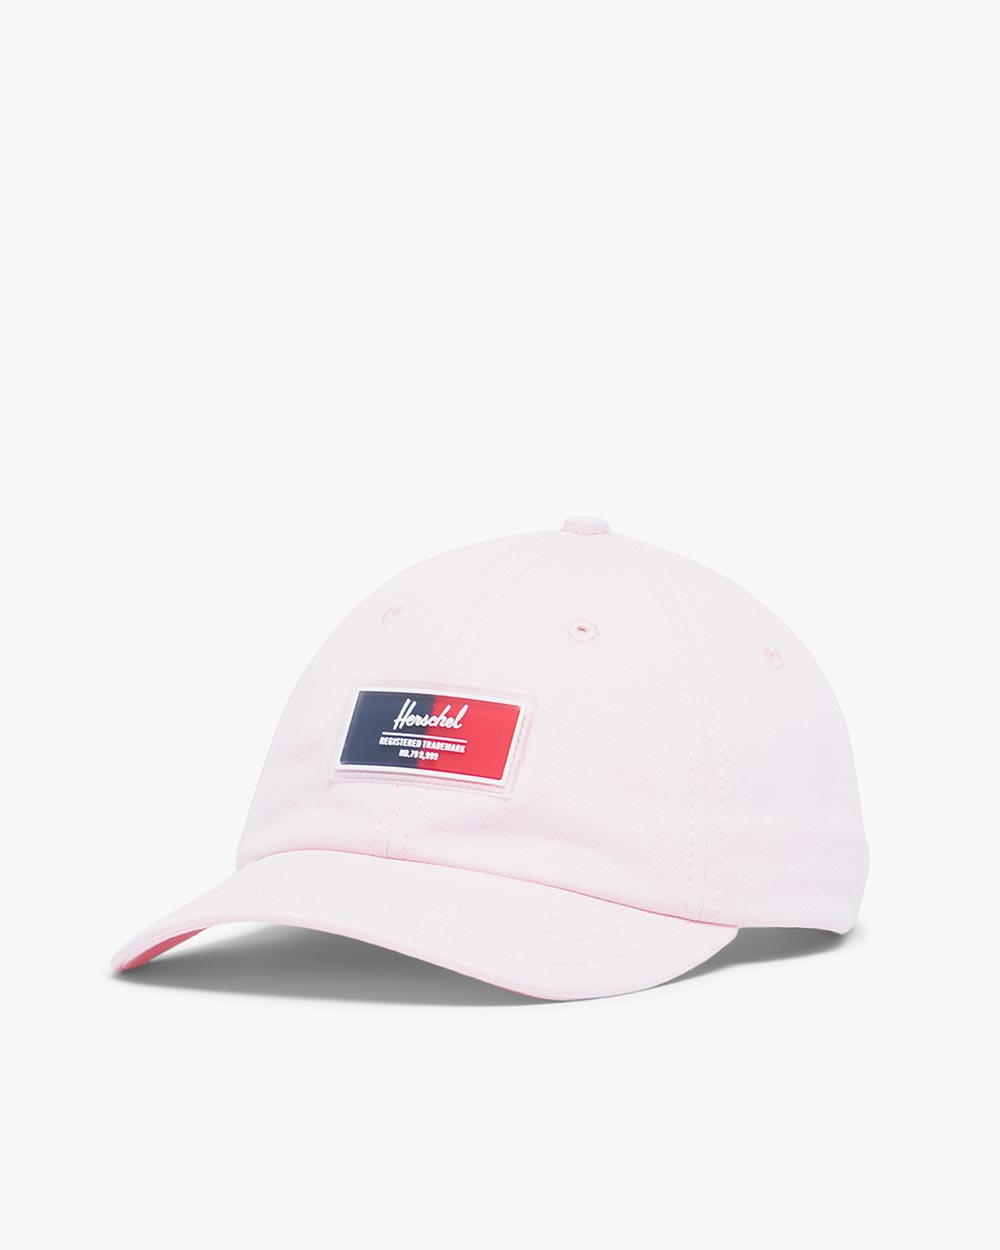 Headwear Category